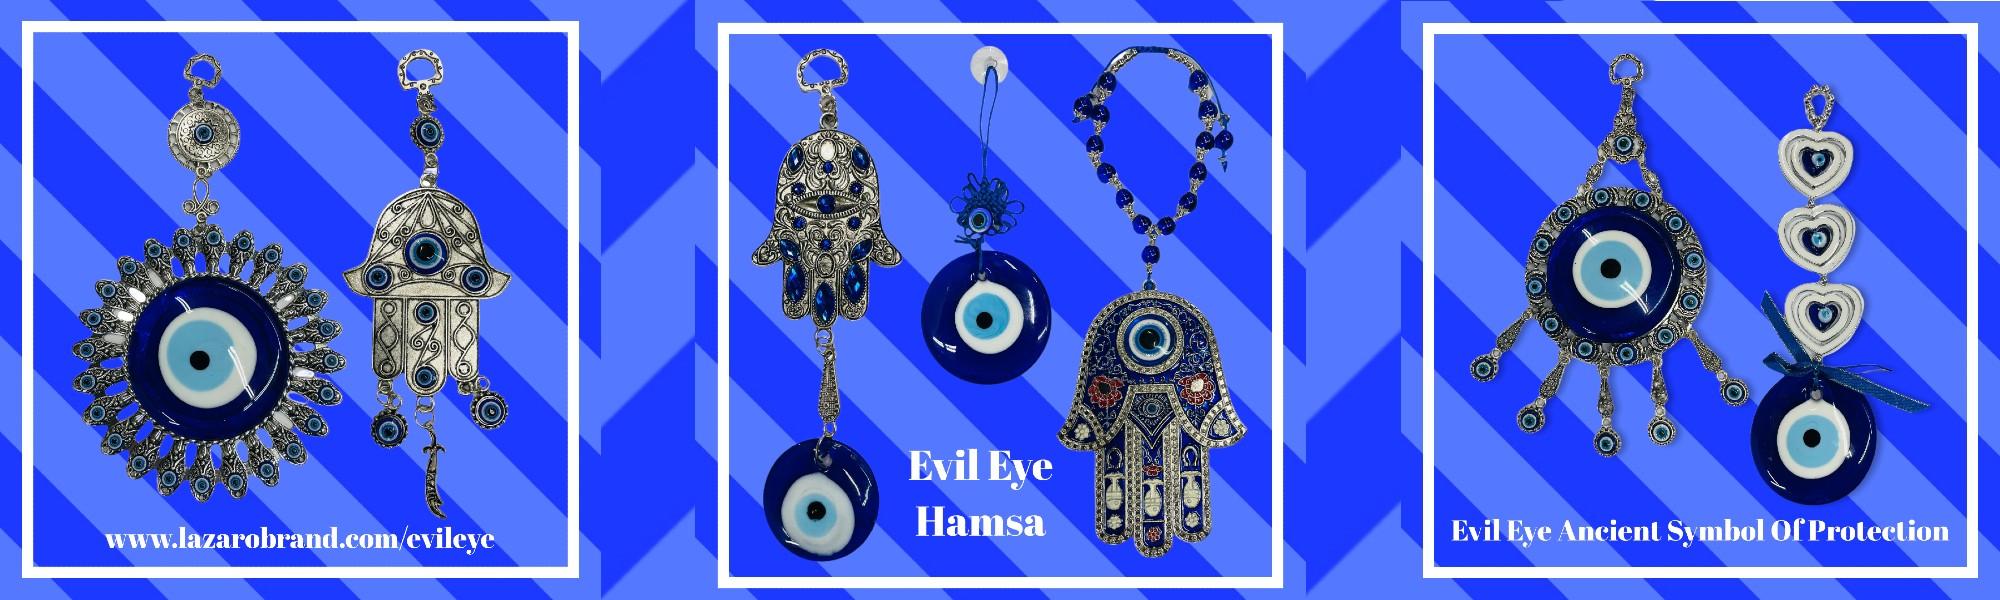 evil-eye-bannercandles.jpg